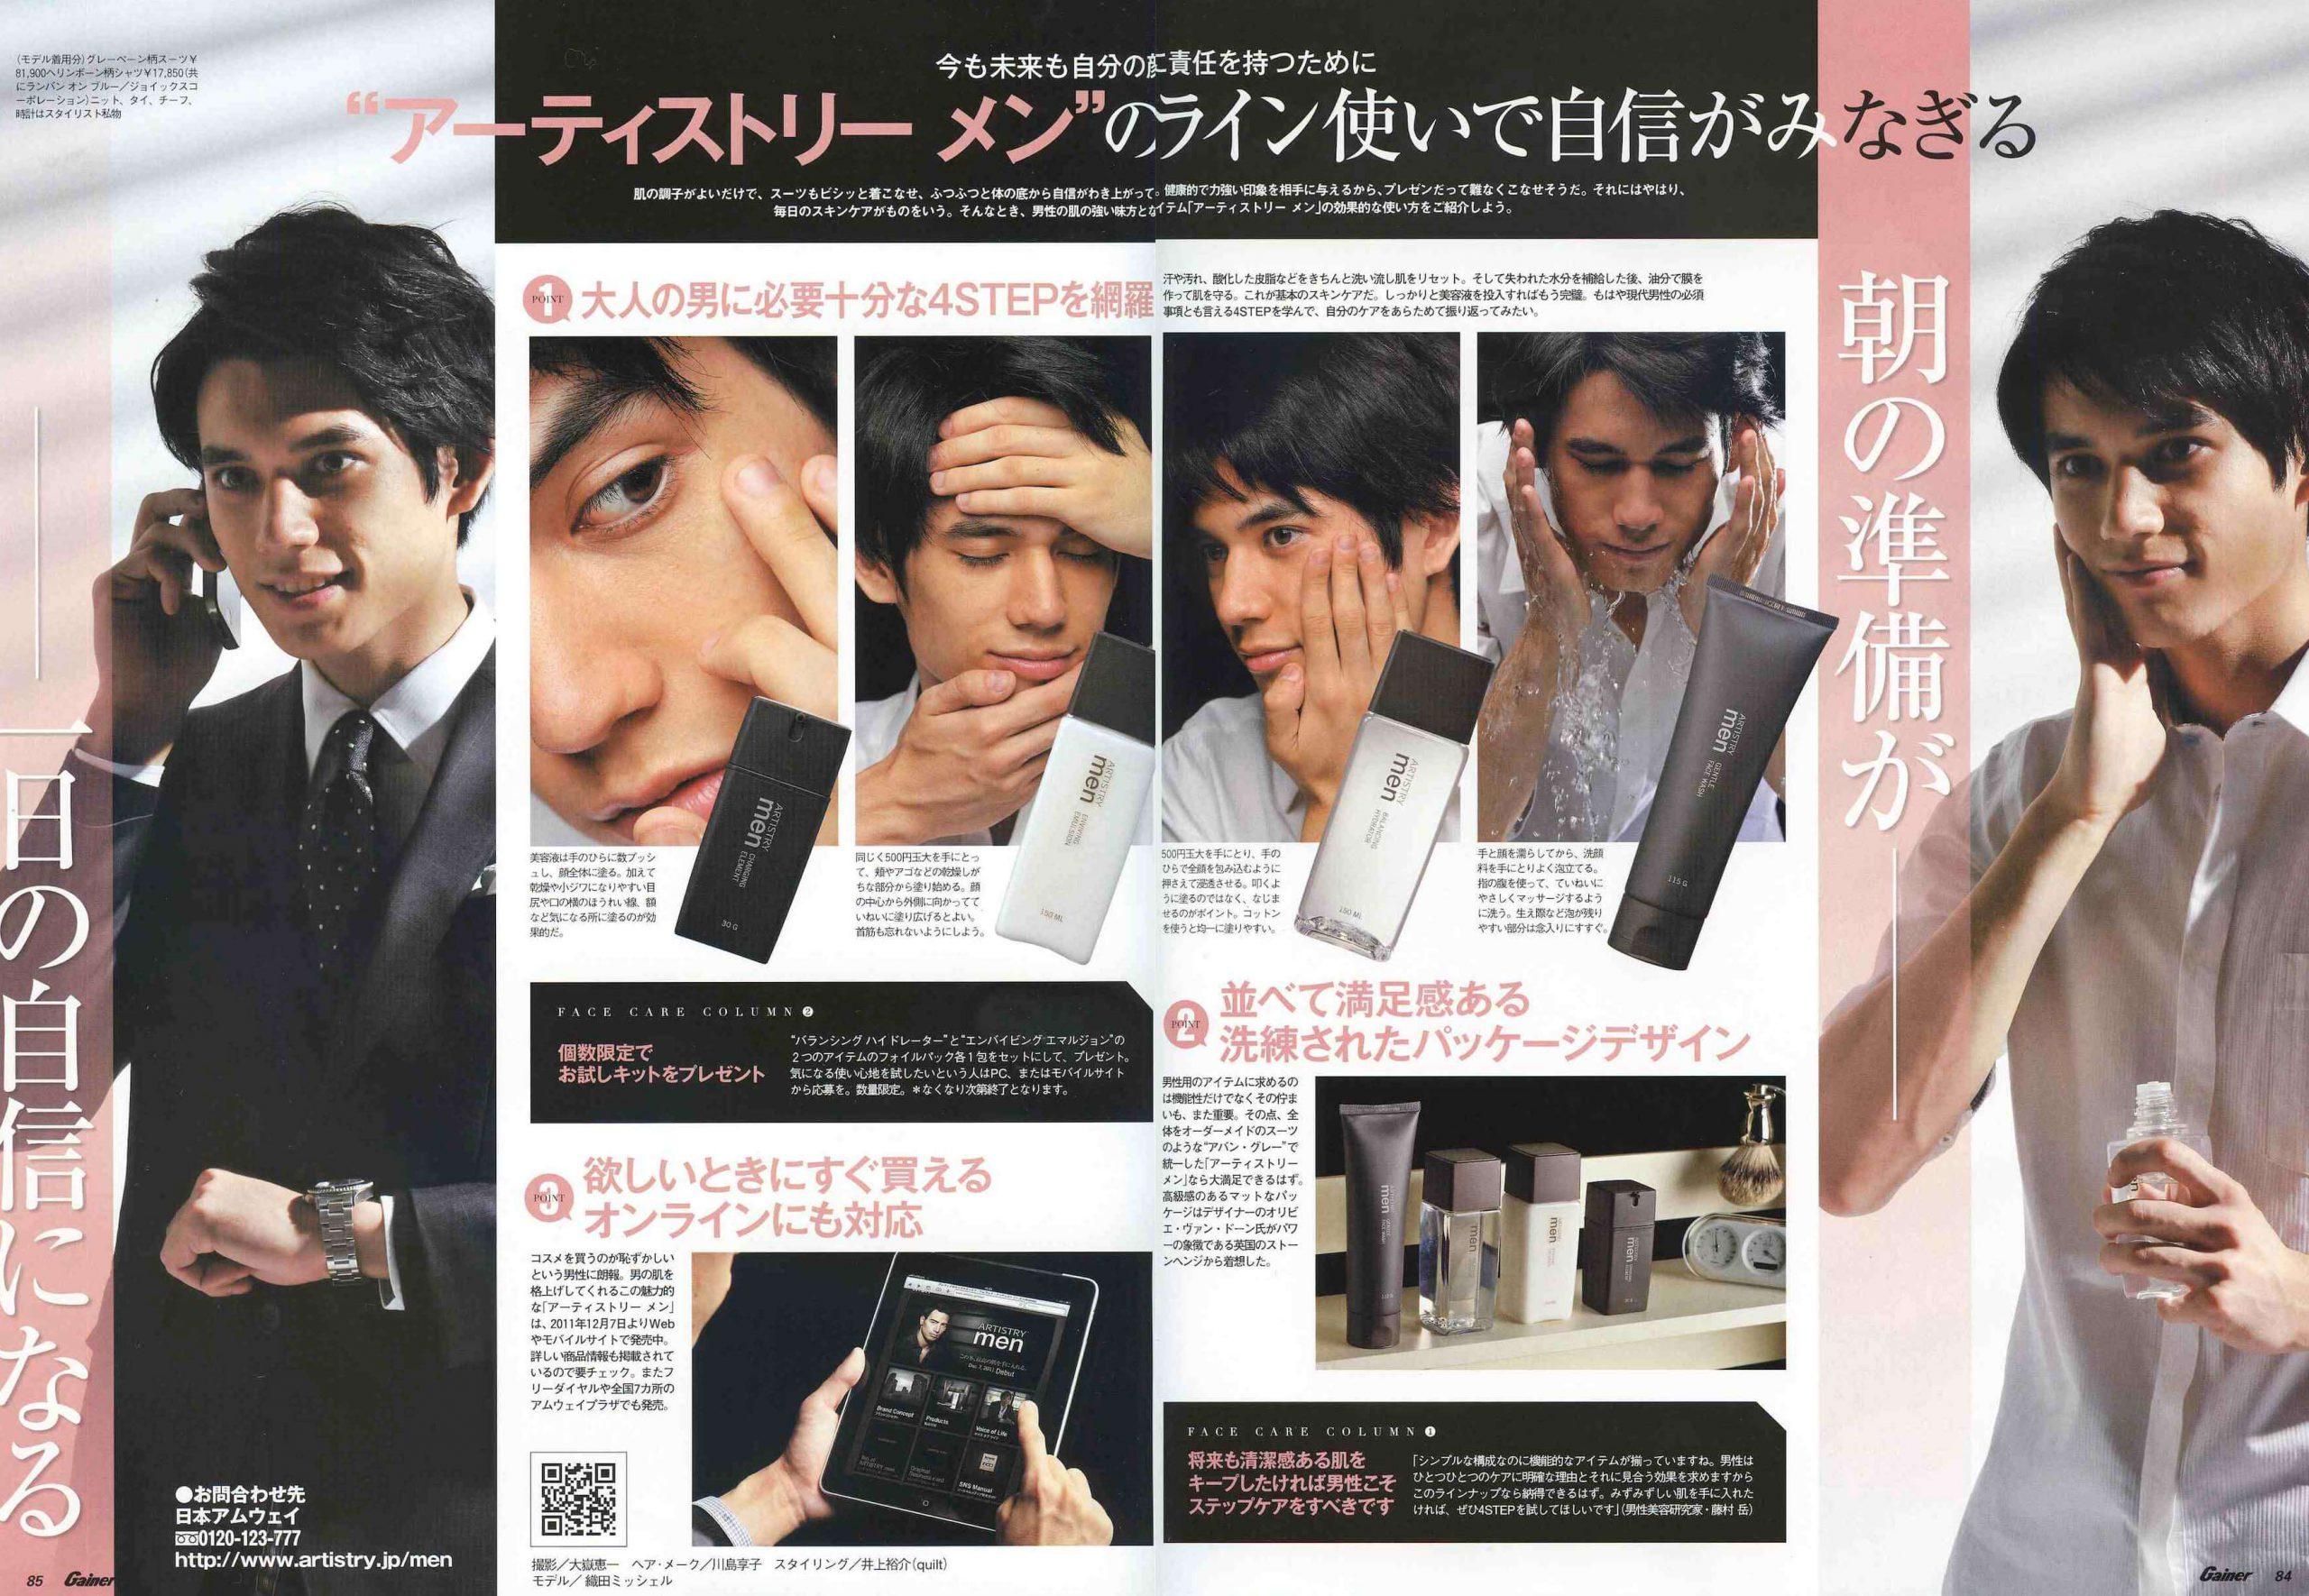 Michel<span>/ B-TOKYO</span>